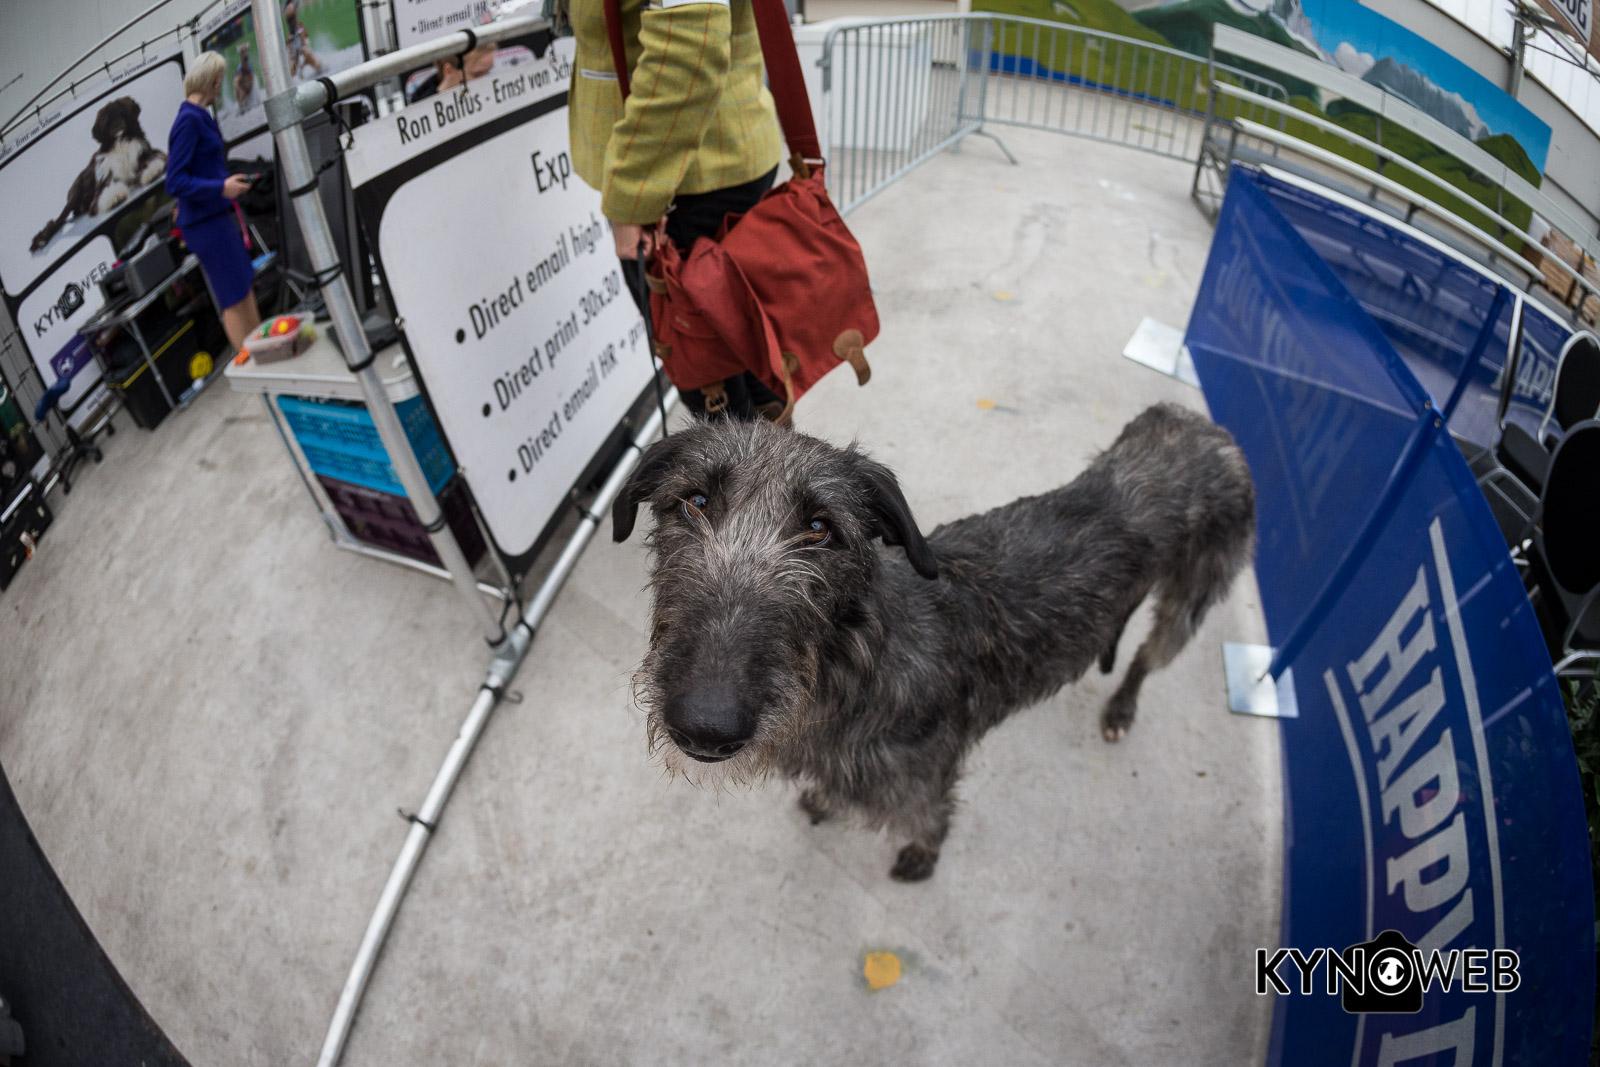 Dogshow_Rijland_2018_Kynoweb__20180317_09_47_27